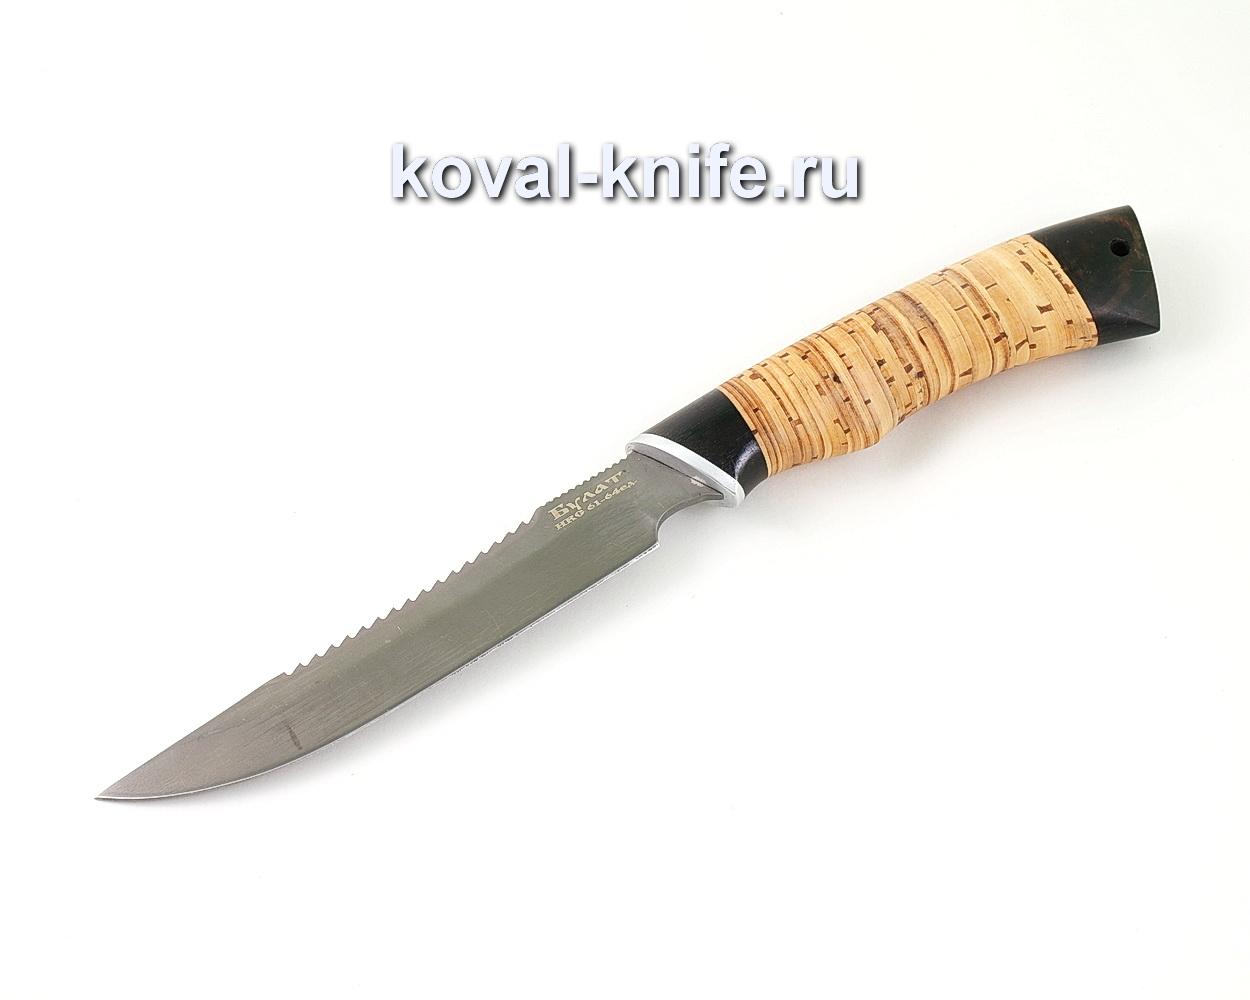 Нож из булатной стали Рыболов (Легированный булат, рукоять береста и граб) A467